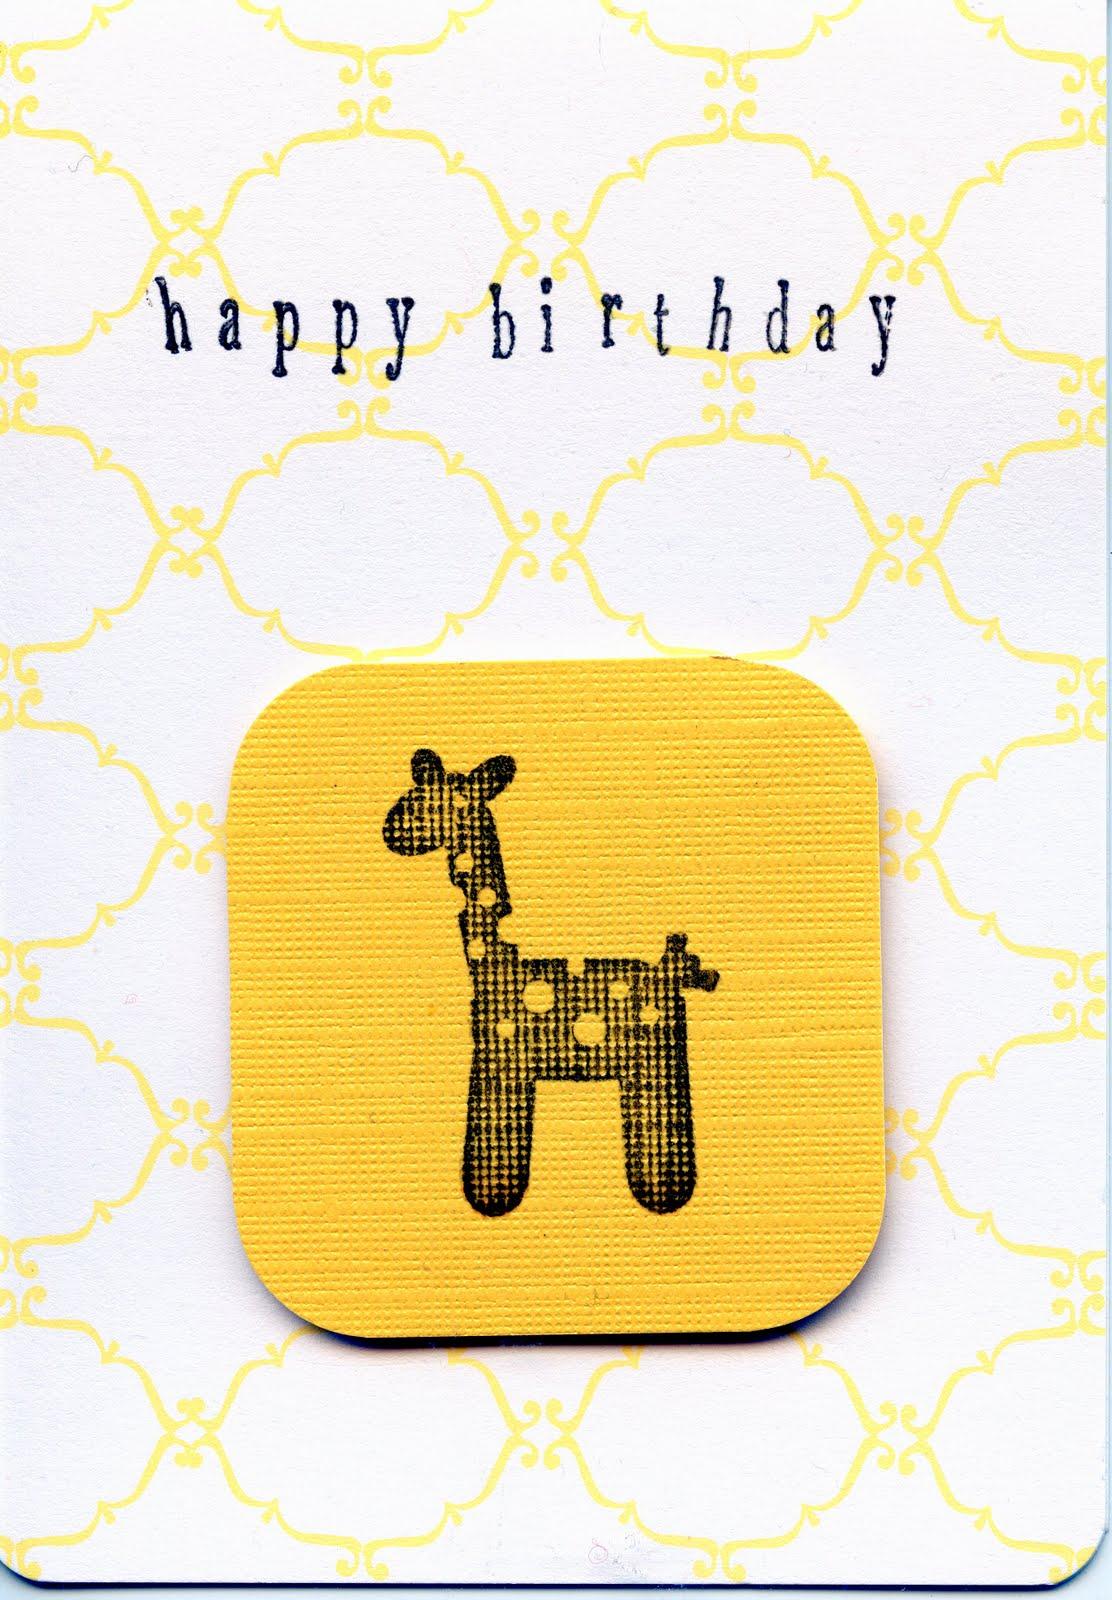 Happy Birthday Cake Zara